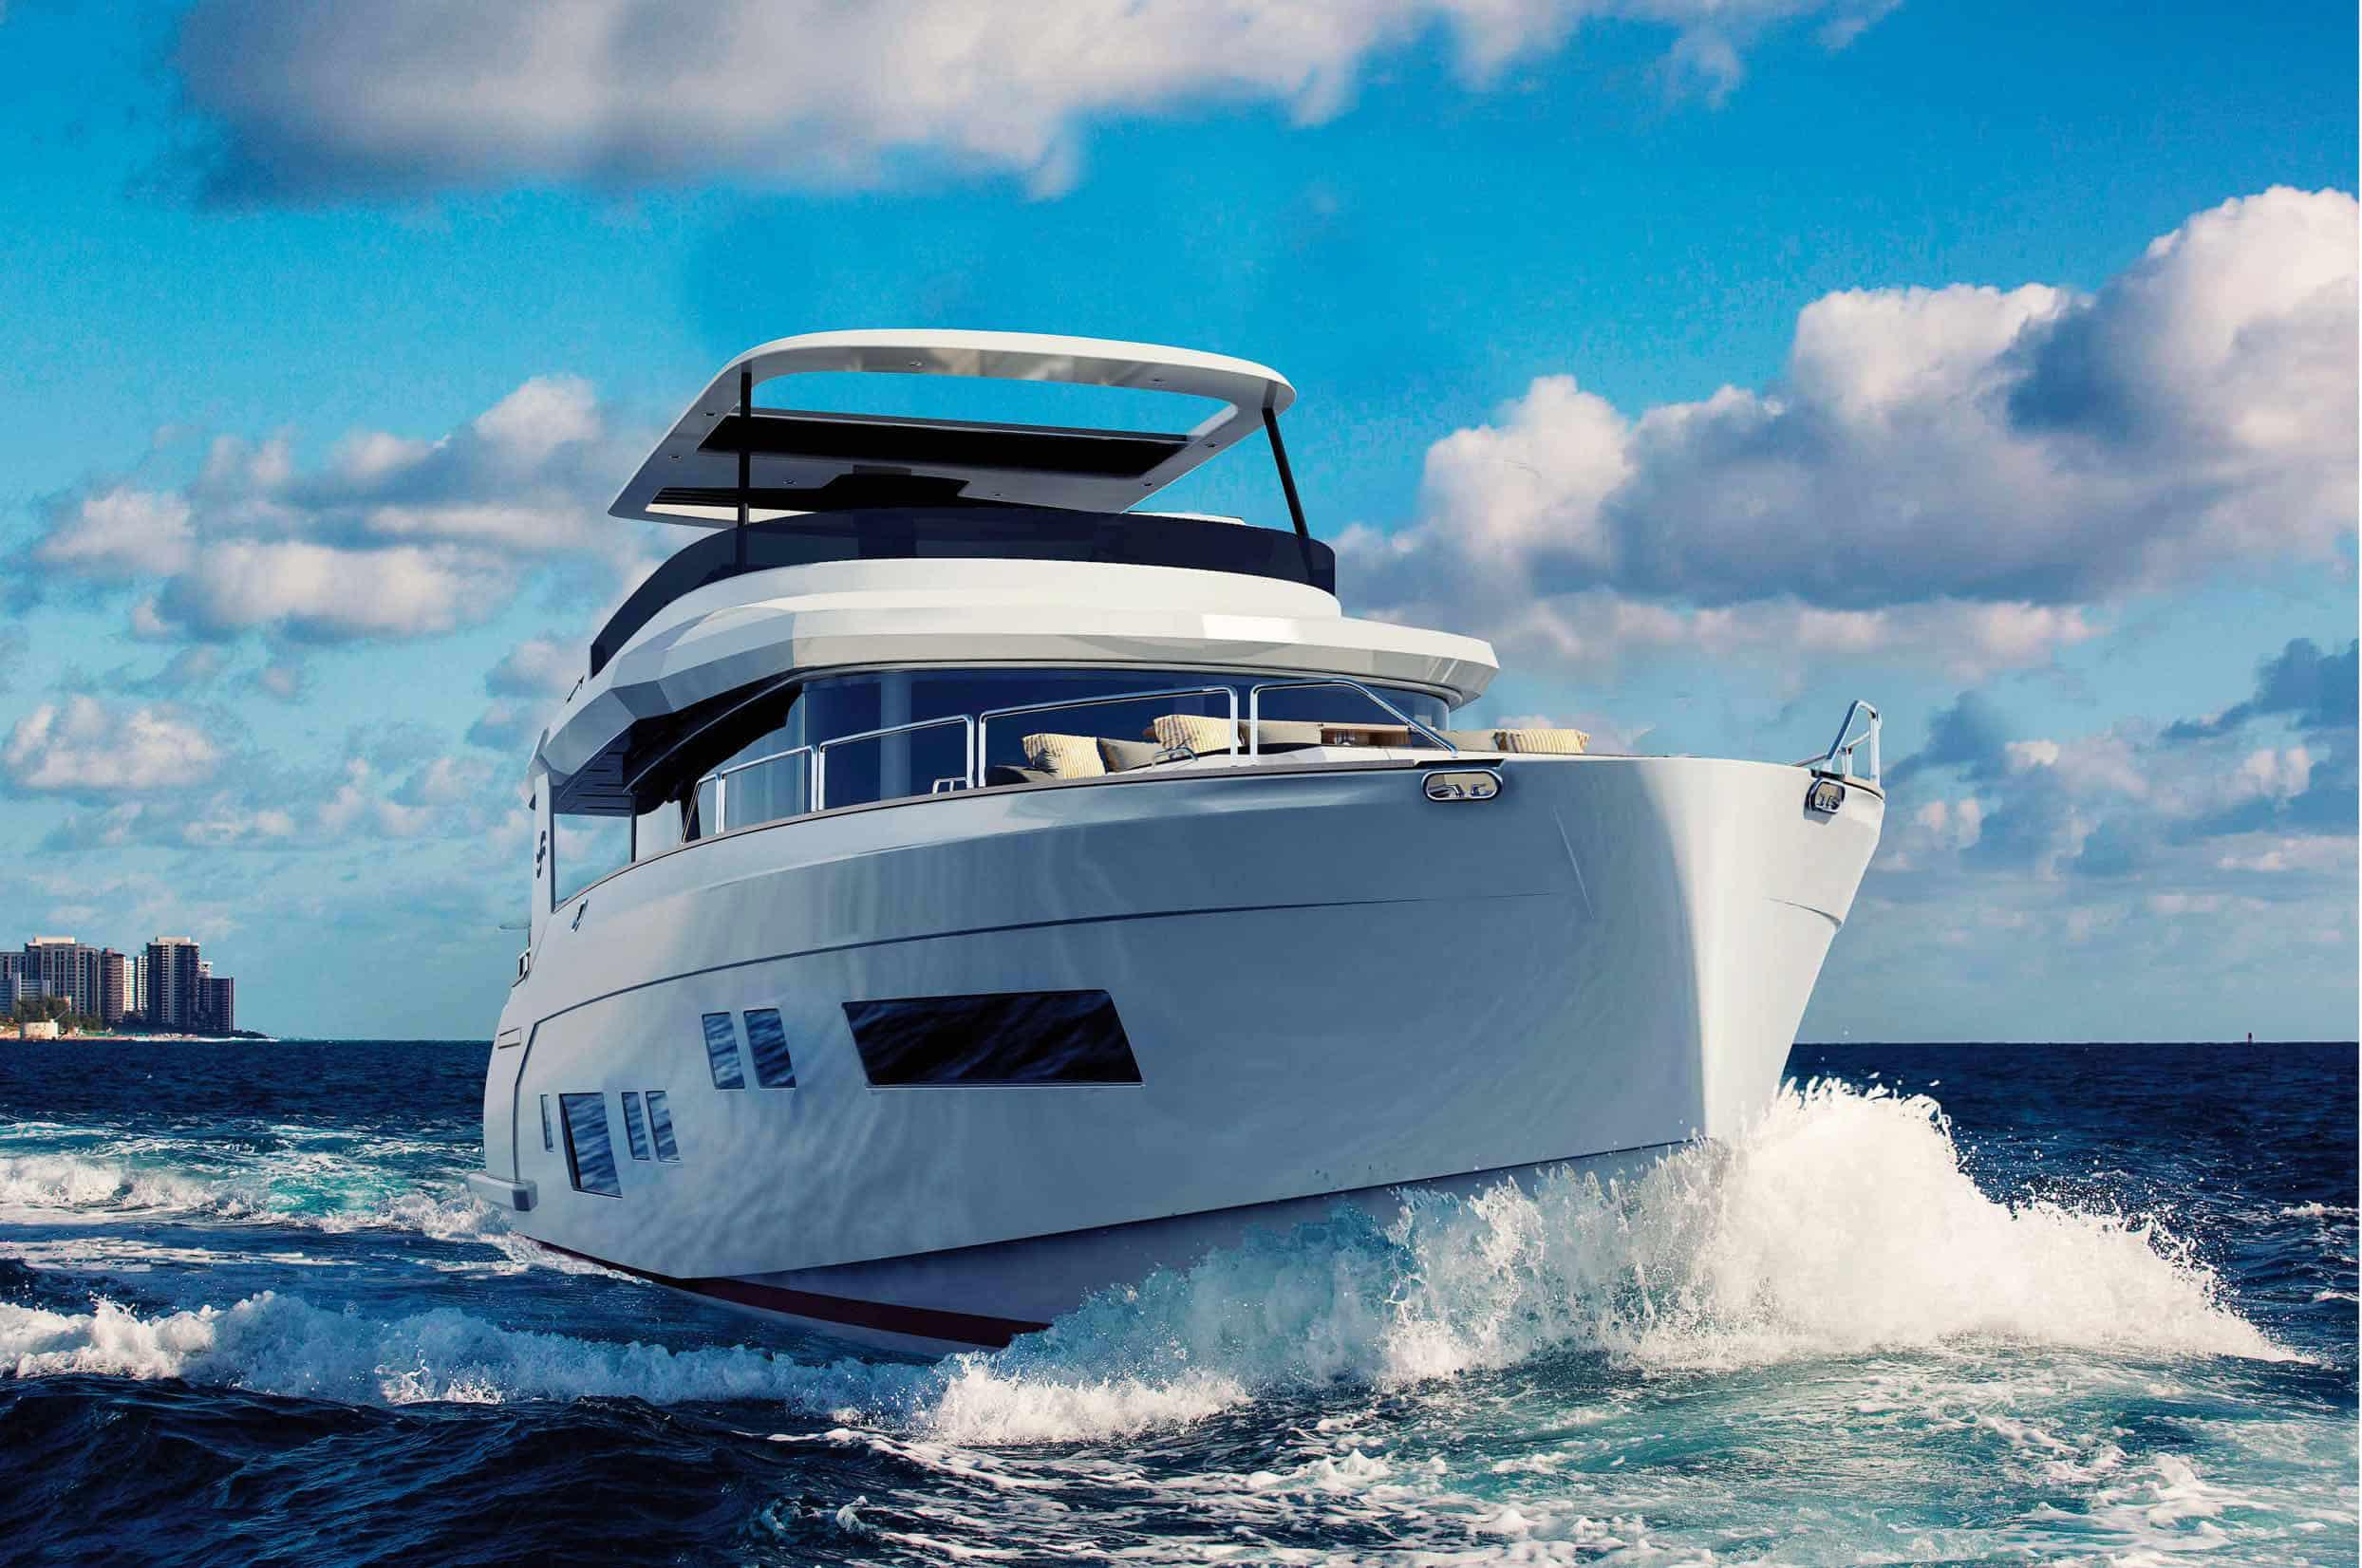 Nasce Sirena Yachts, una linea di explorer